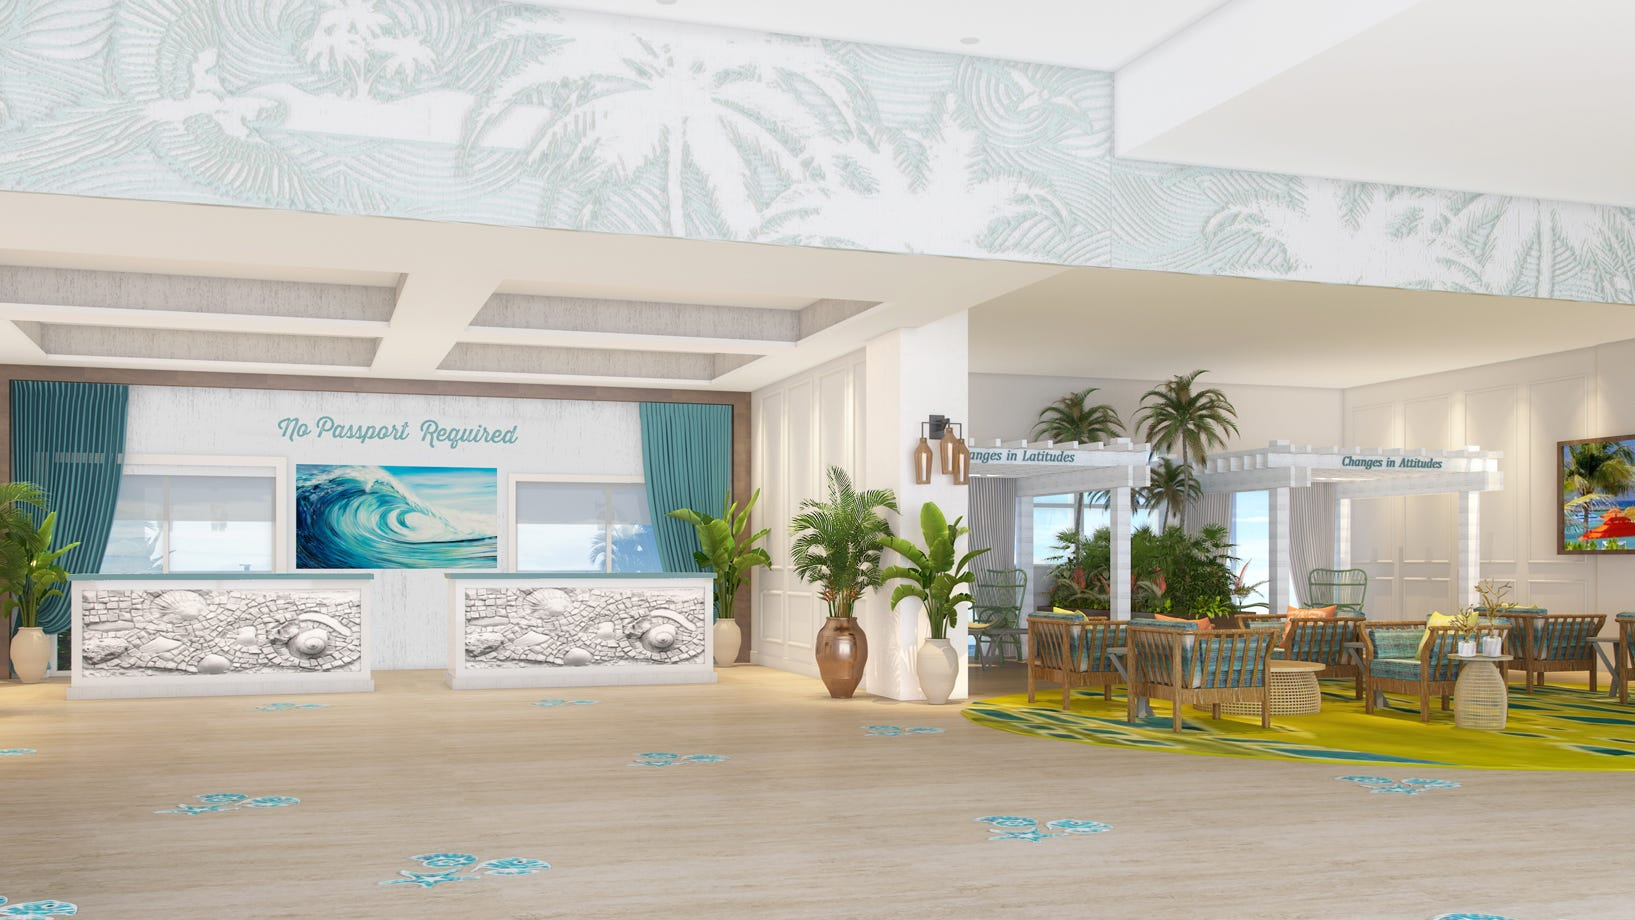 Latest renderings in February 2021 of Southwest Florida's planned Margaritaville resort.